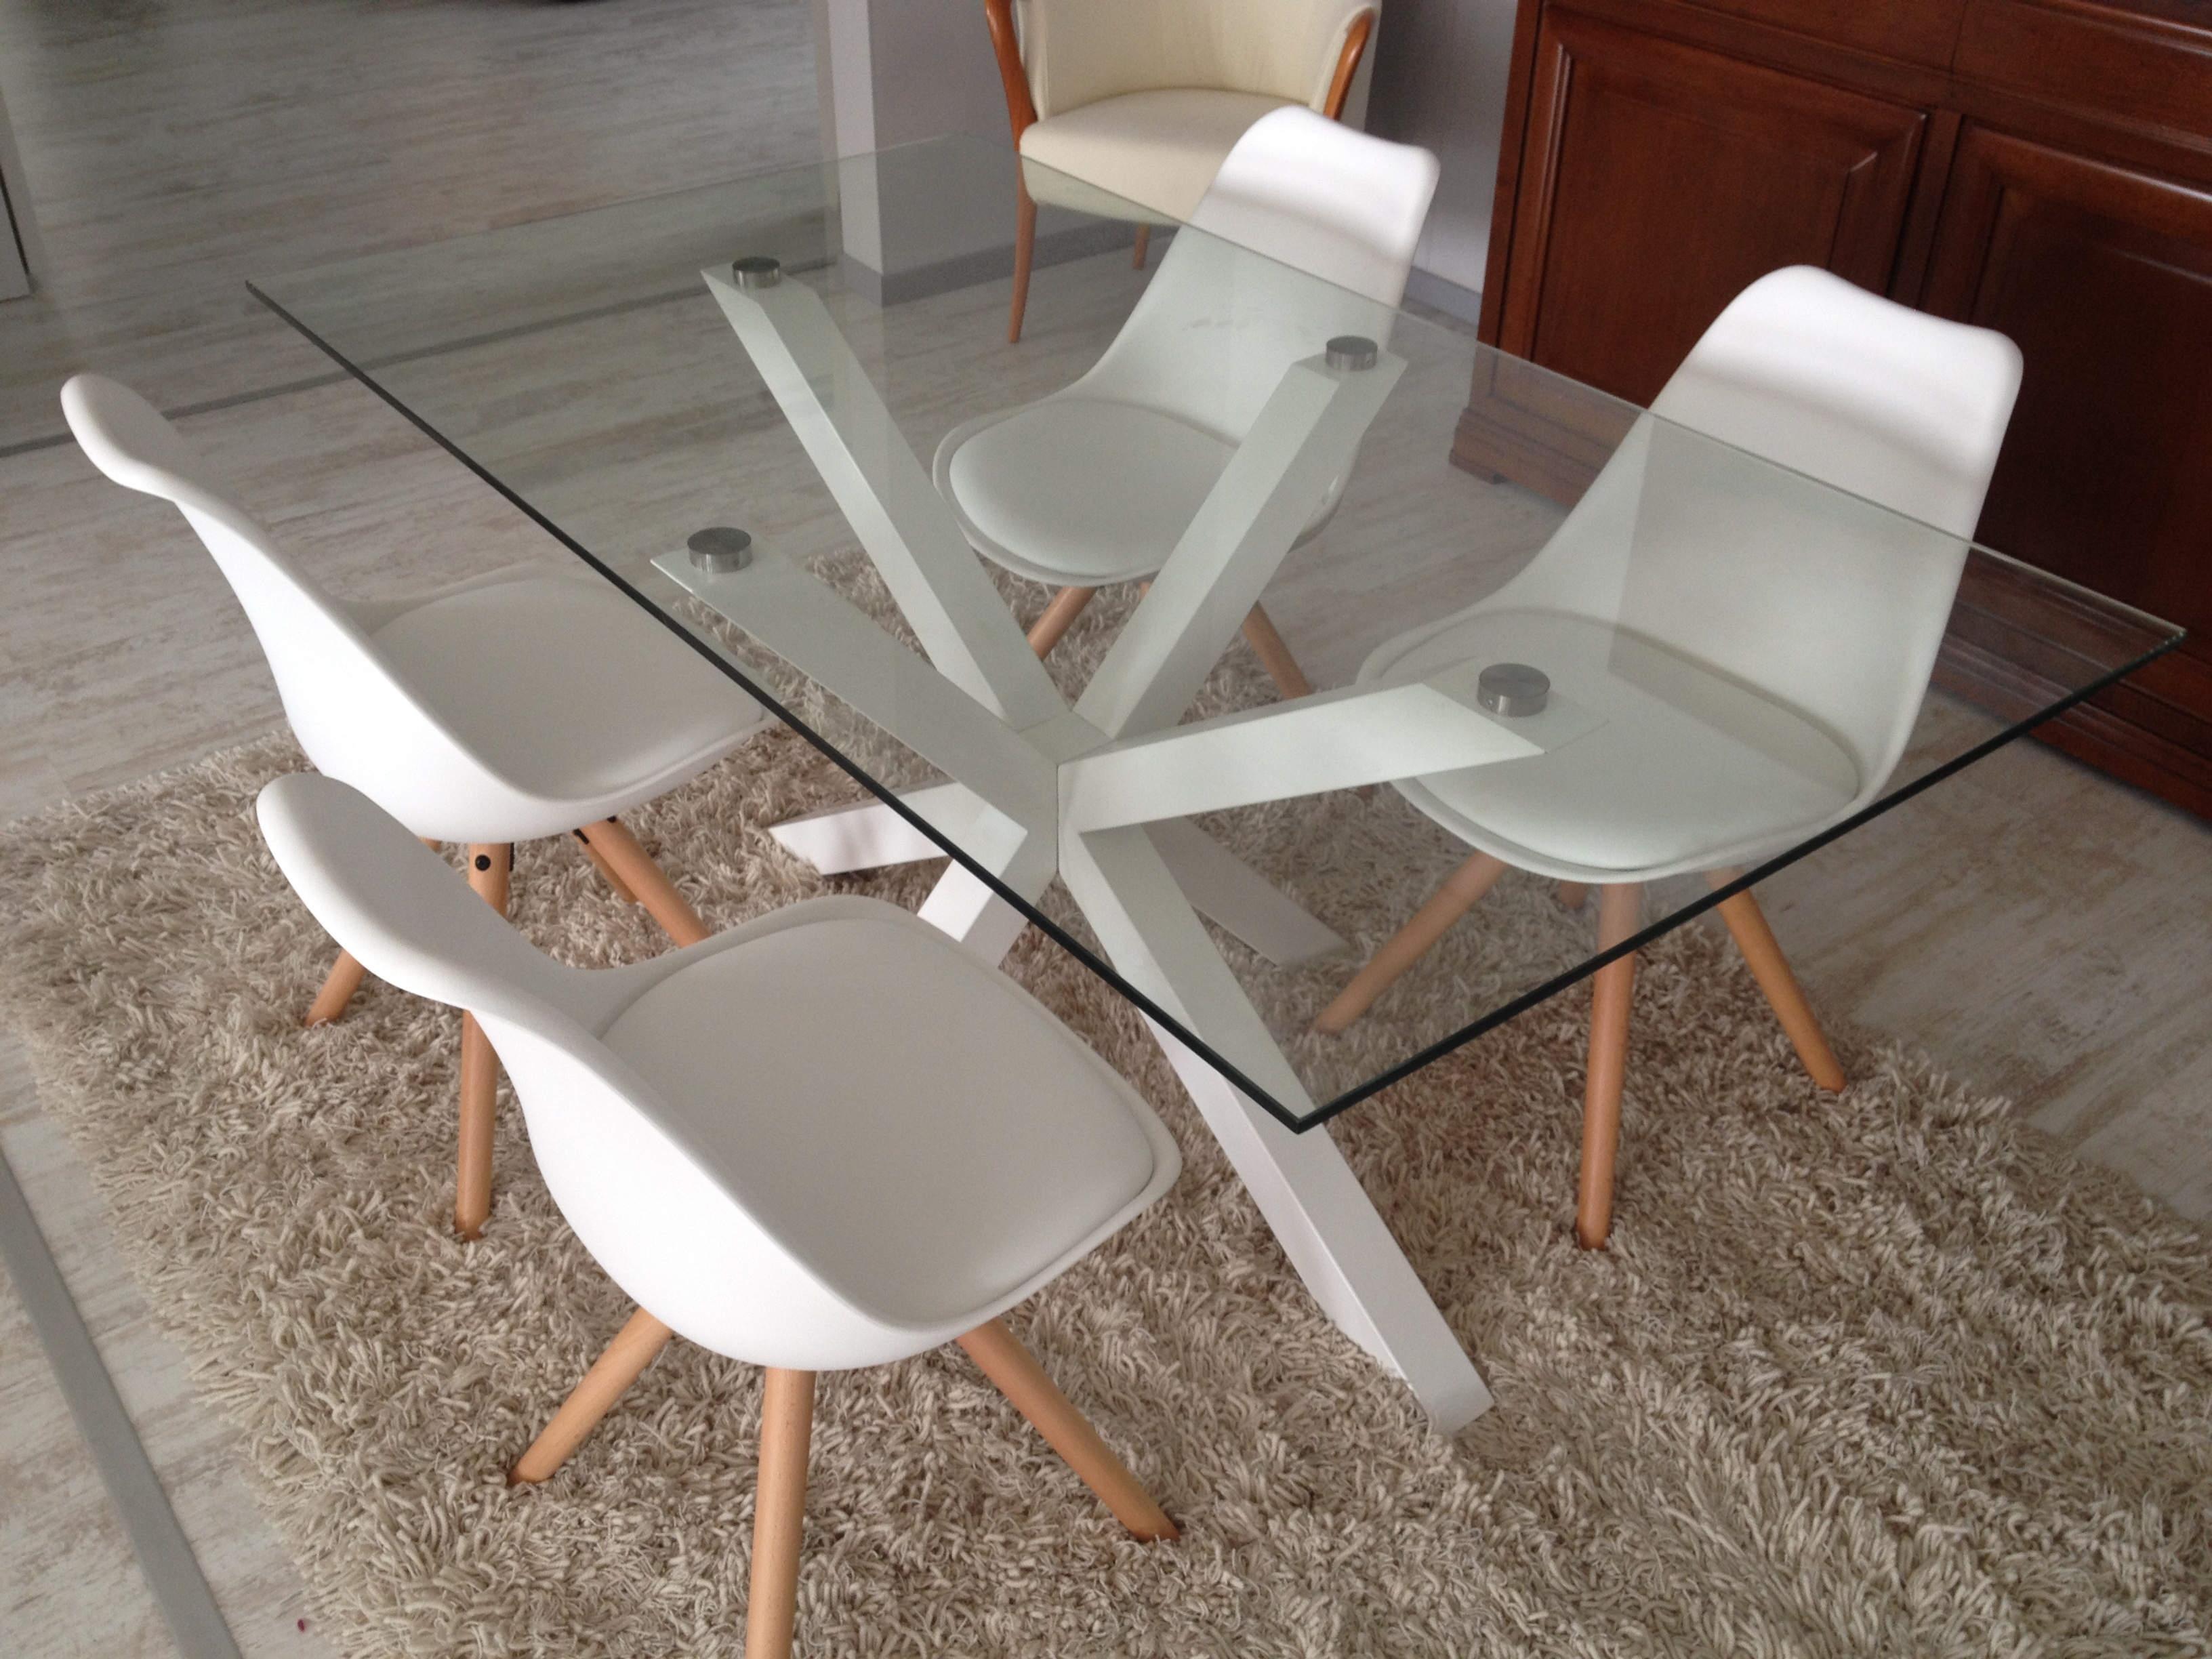 Tavolo in vetro da l 160x90 con sedie bianche 24 for Tavolo vetro